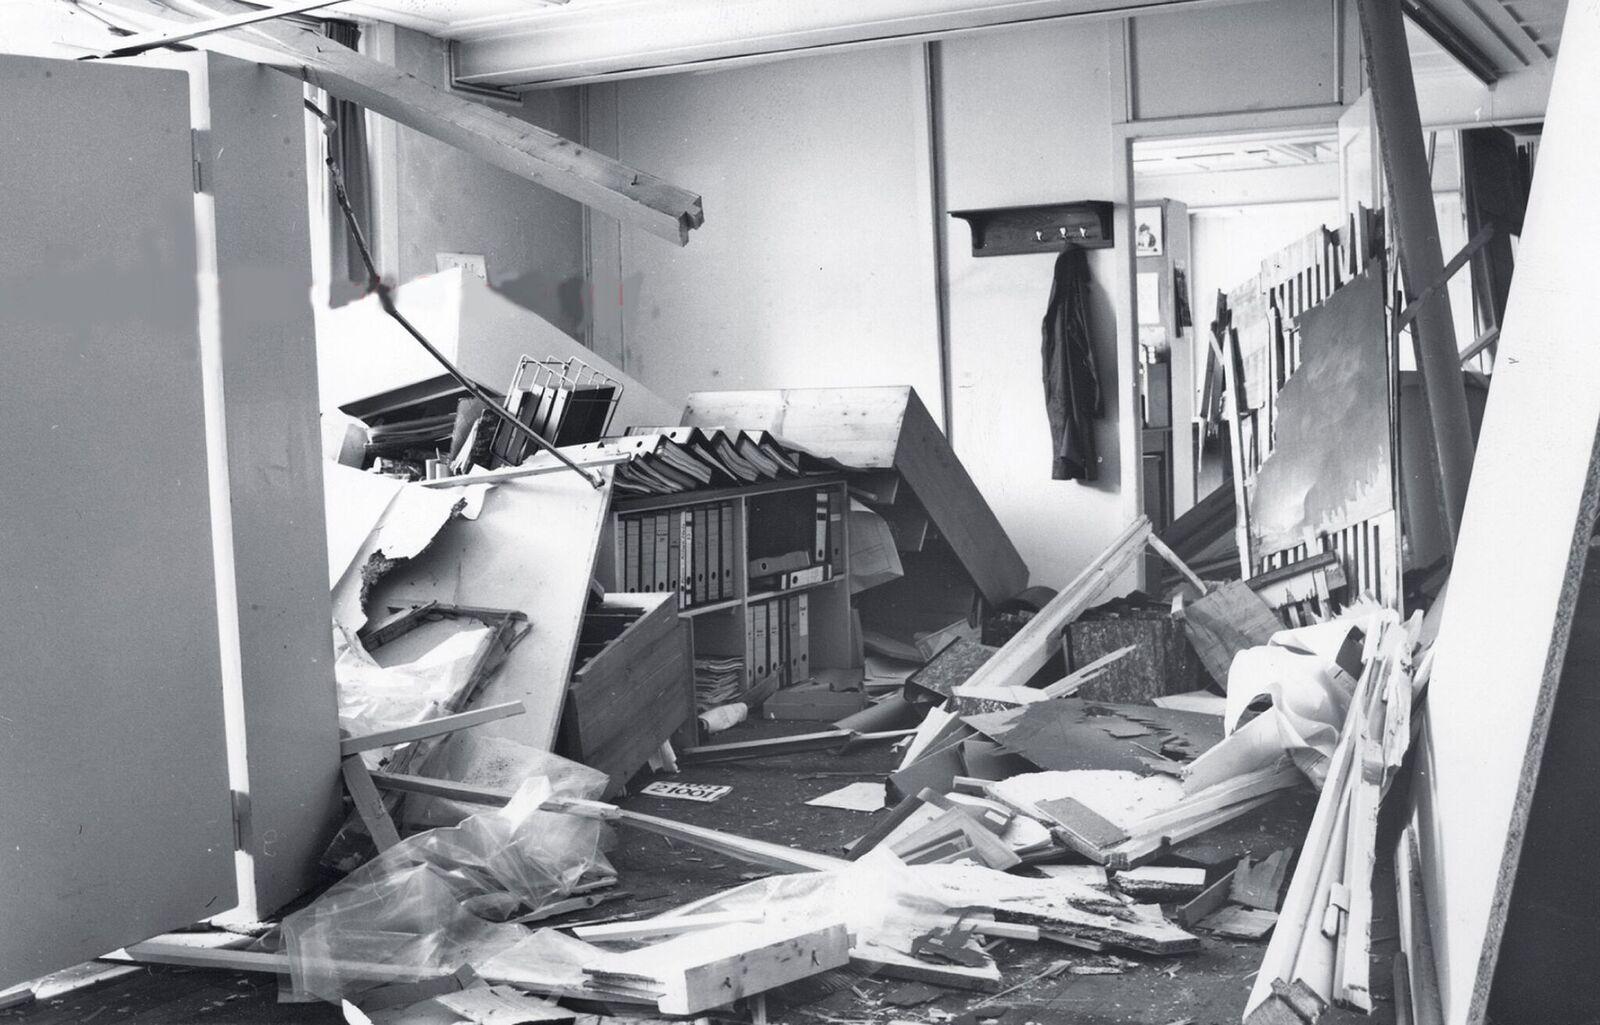 Blick in einen der zerstörten Büroräume. Es war ein Riesenglück, dass es keine Toten gab.